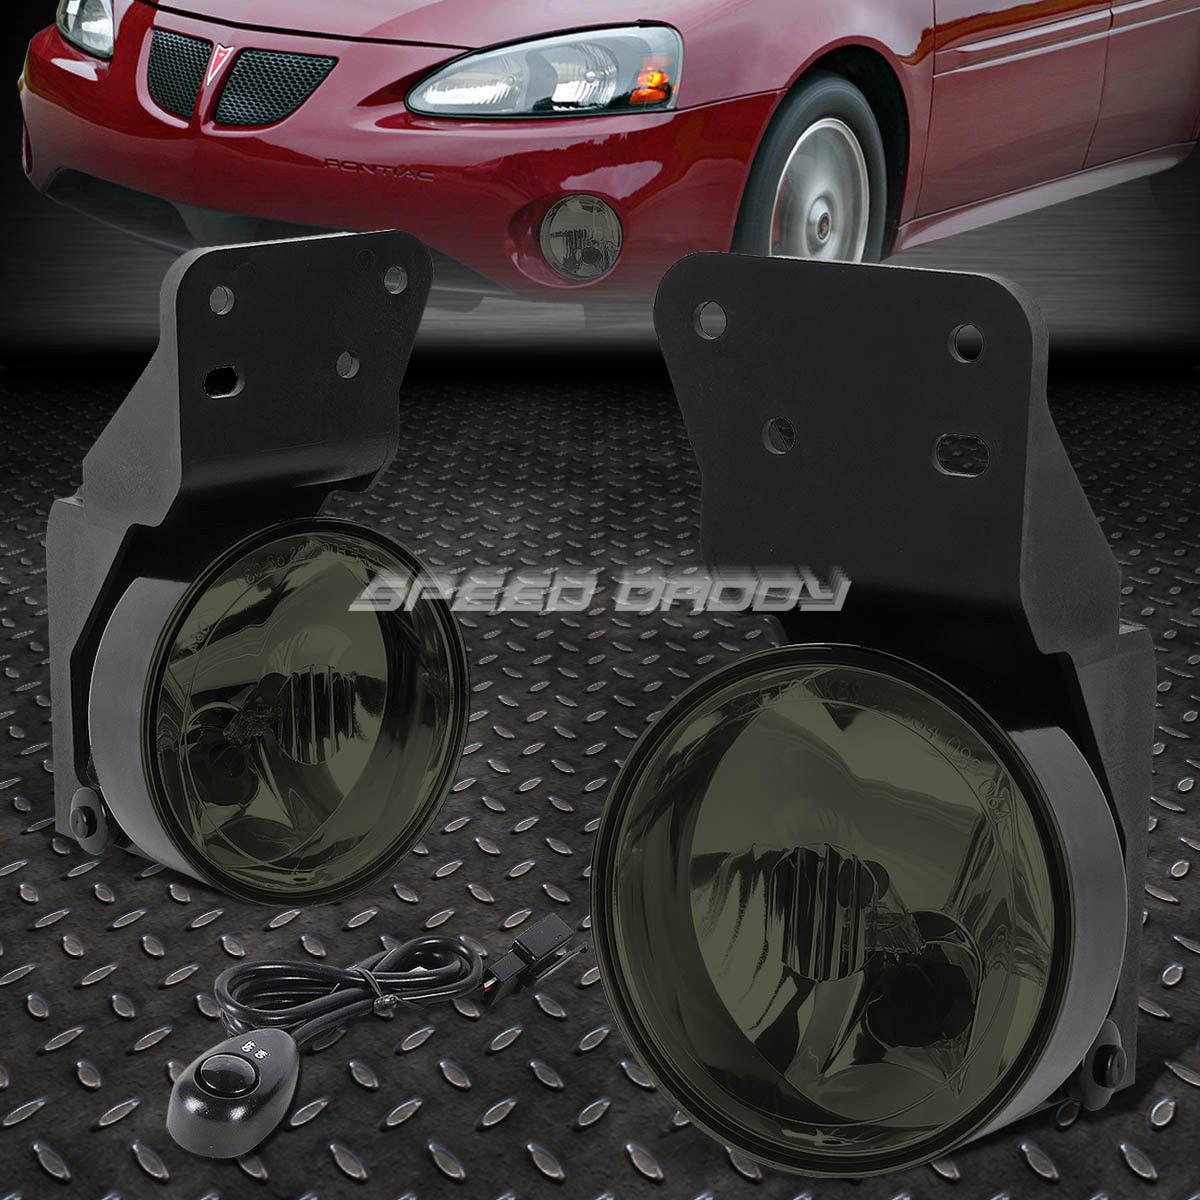 車用品・バイク用品 >> 車用品 >> パーツ >> ライト・ランプ >> その他 フォグライト FOR 99-05 PONTIAC GRAND AM SMOKED LENS OE BUMPER DRIVING FOG LIGHTS LAMP+SWITCH 99-05ポンタッチグラン・アム・ソーケード・レンズOEバッファ・ドライビング・フォグ・ライト・ランプ+スイッチ